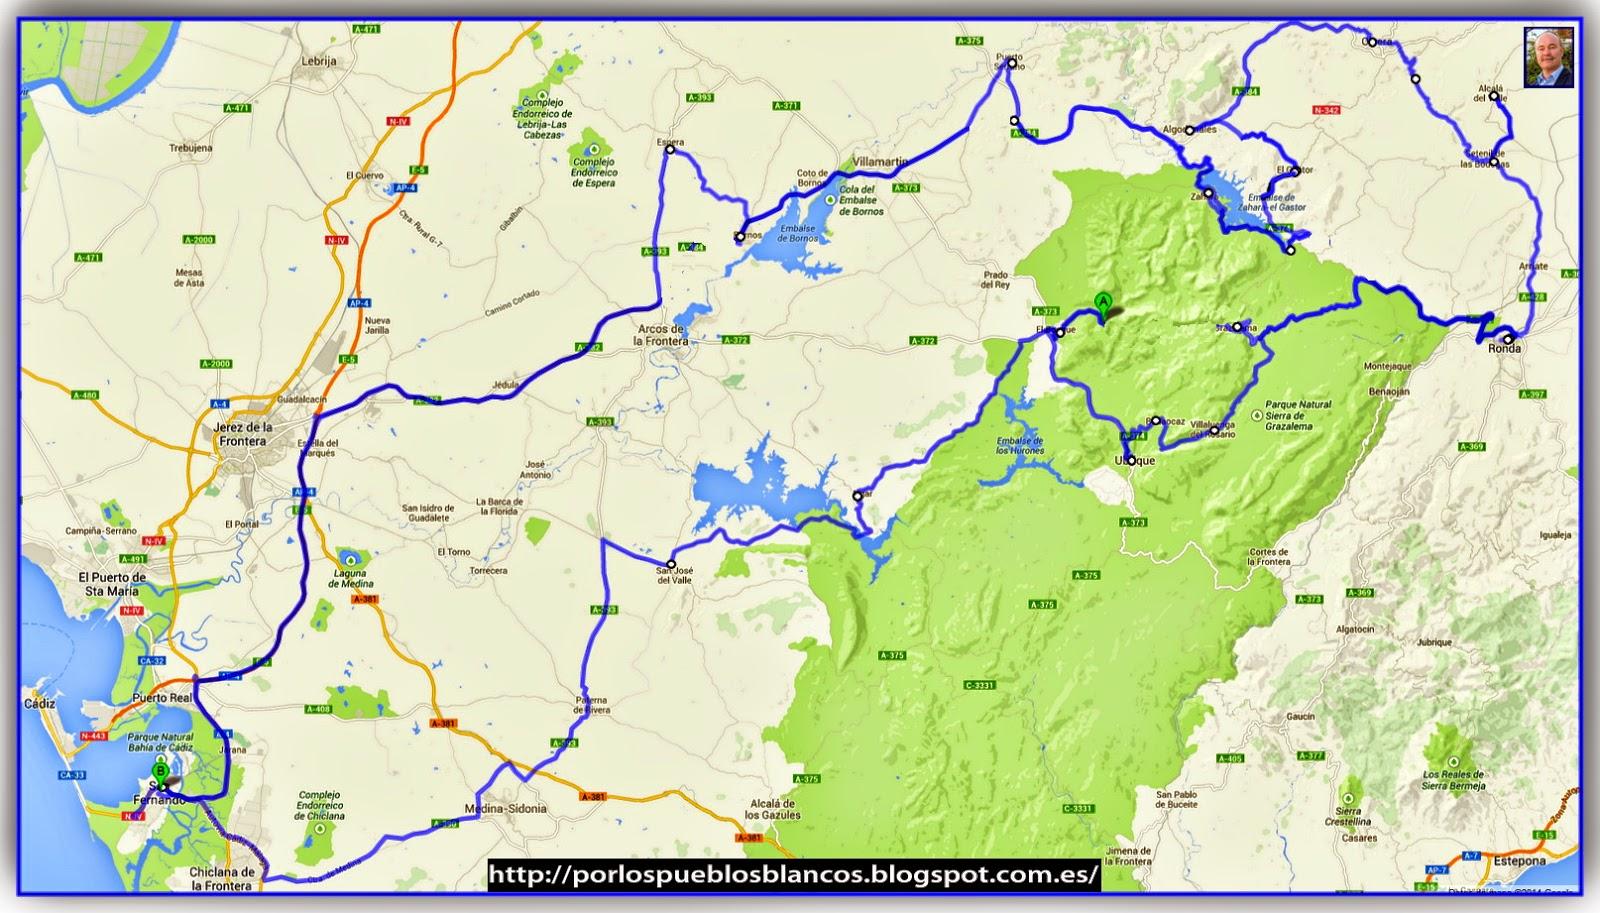 Mapa Pueblos Blancos Cadiz.Pueblos Blancos Cadiz Y Ronda Malaga Pueblos Blancos